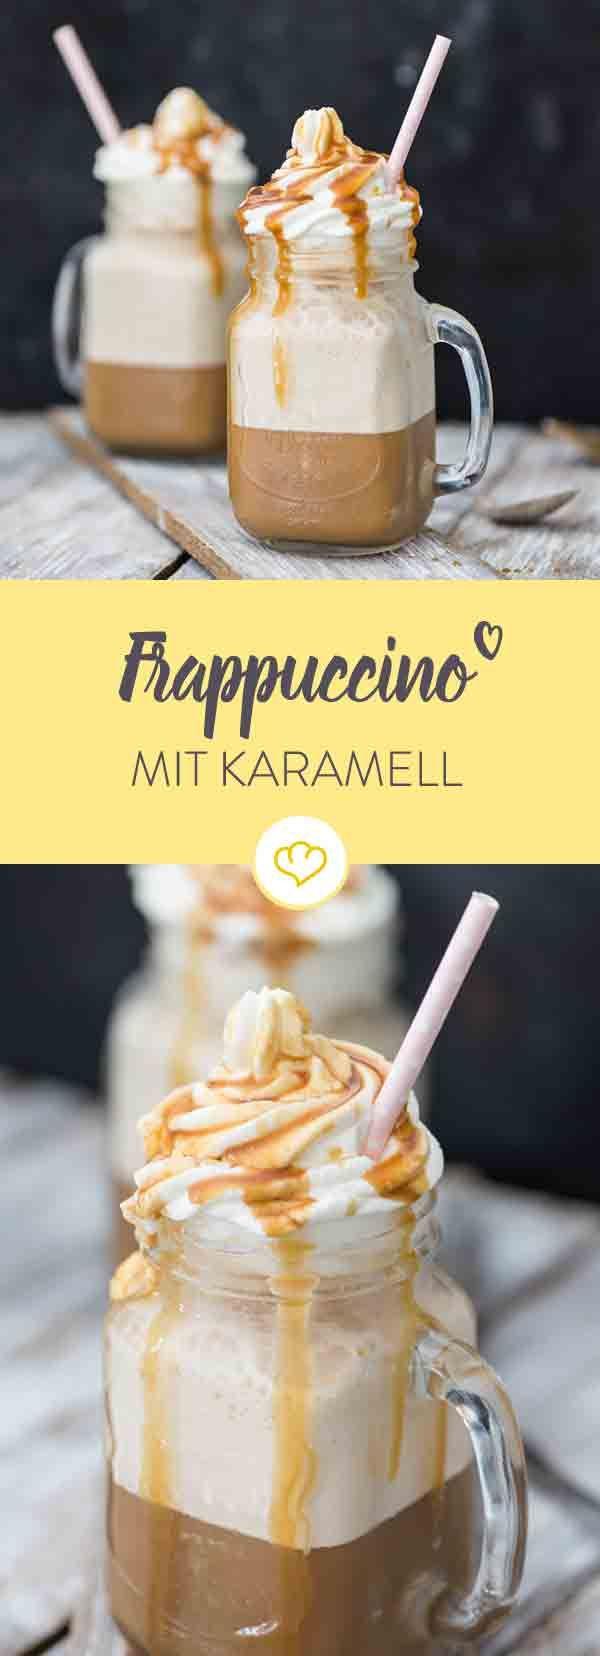 Frappuccino - die beste Kreation seit es Eiskaffee gibt. Am besten schmeckt der frostige Drink mit einem Schuss Karamellsauce und Sahnehaube obendrauf.